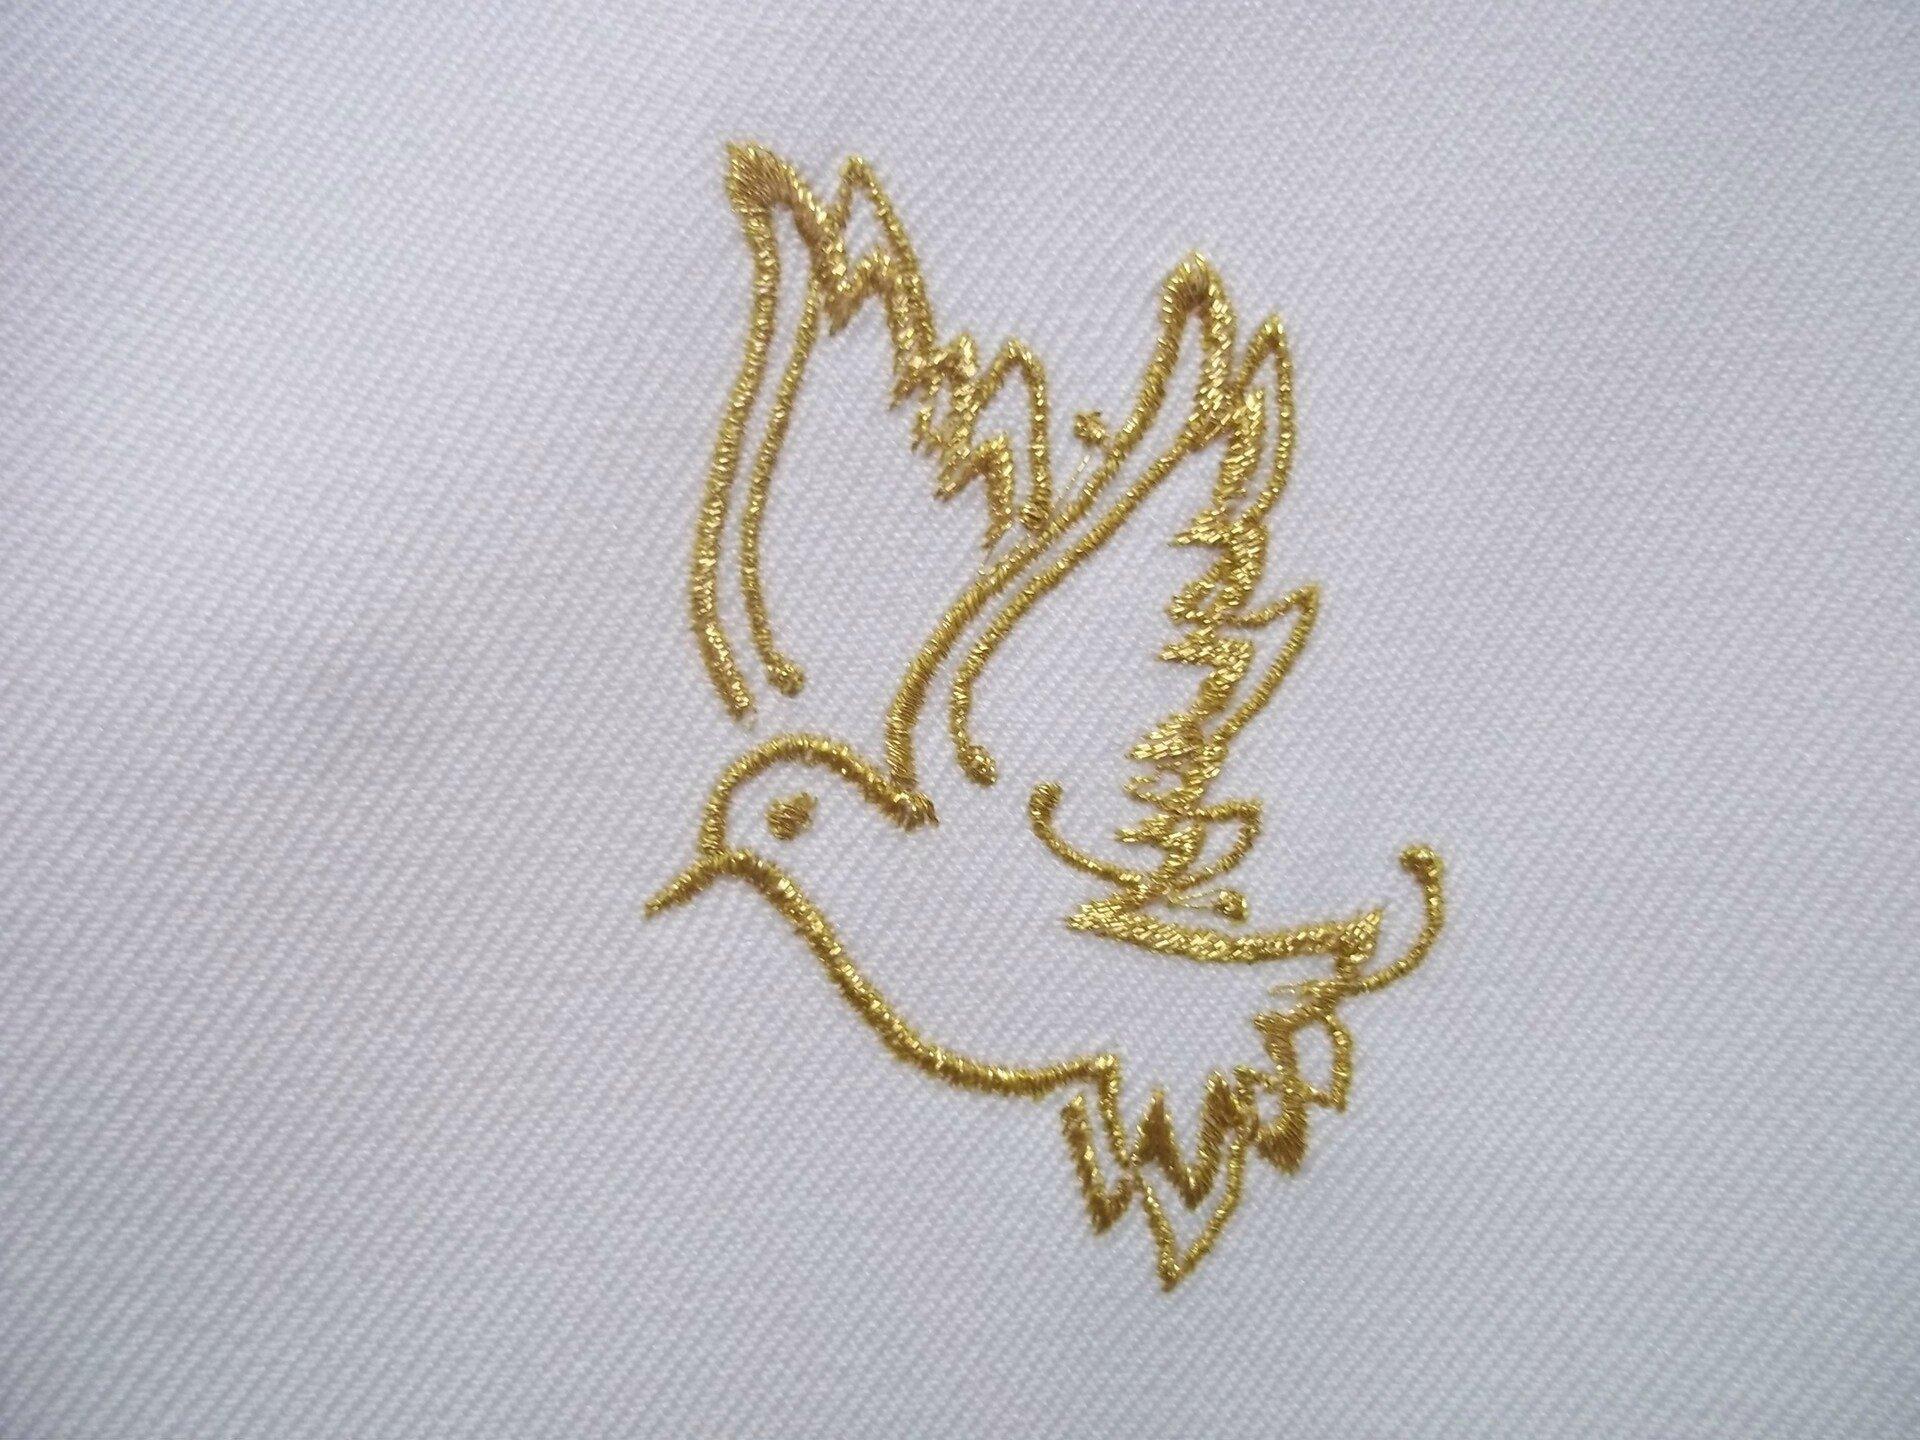 Colombe dorée, echarpe, étole baptême, linge blanc personnalisé par broderie par amd a coudre